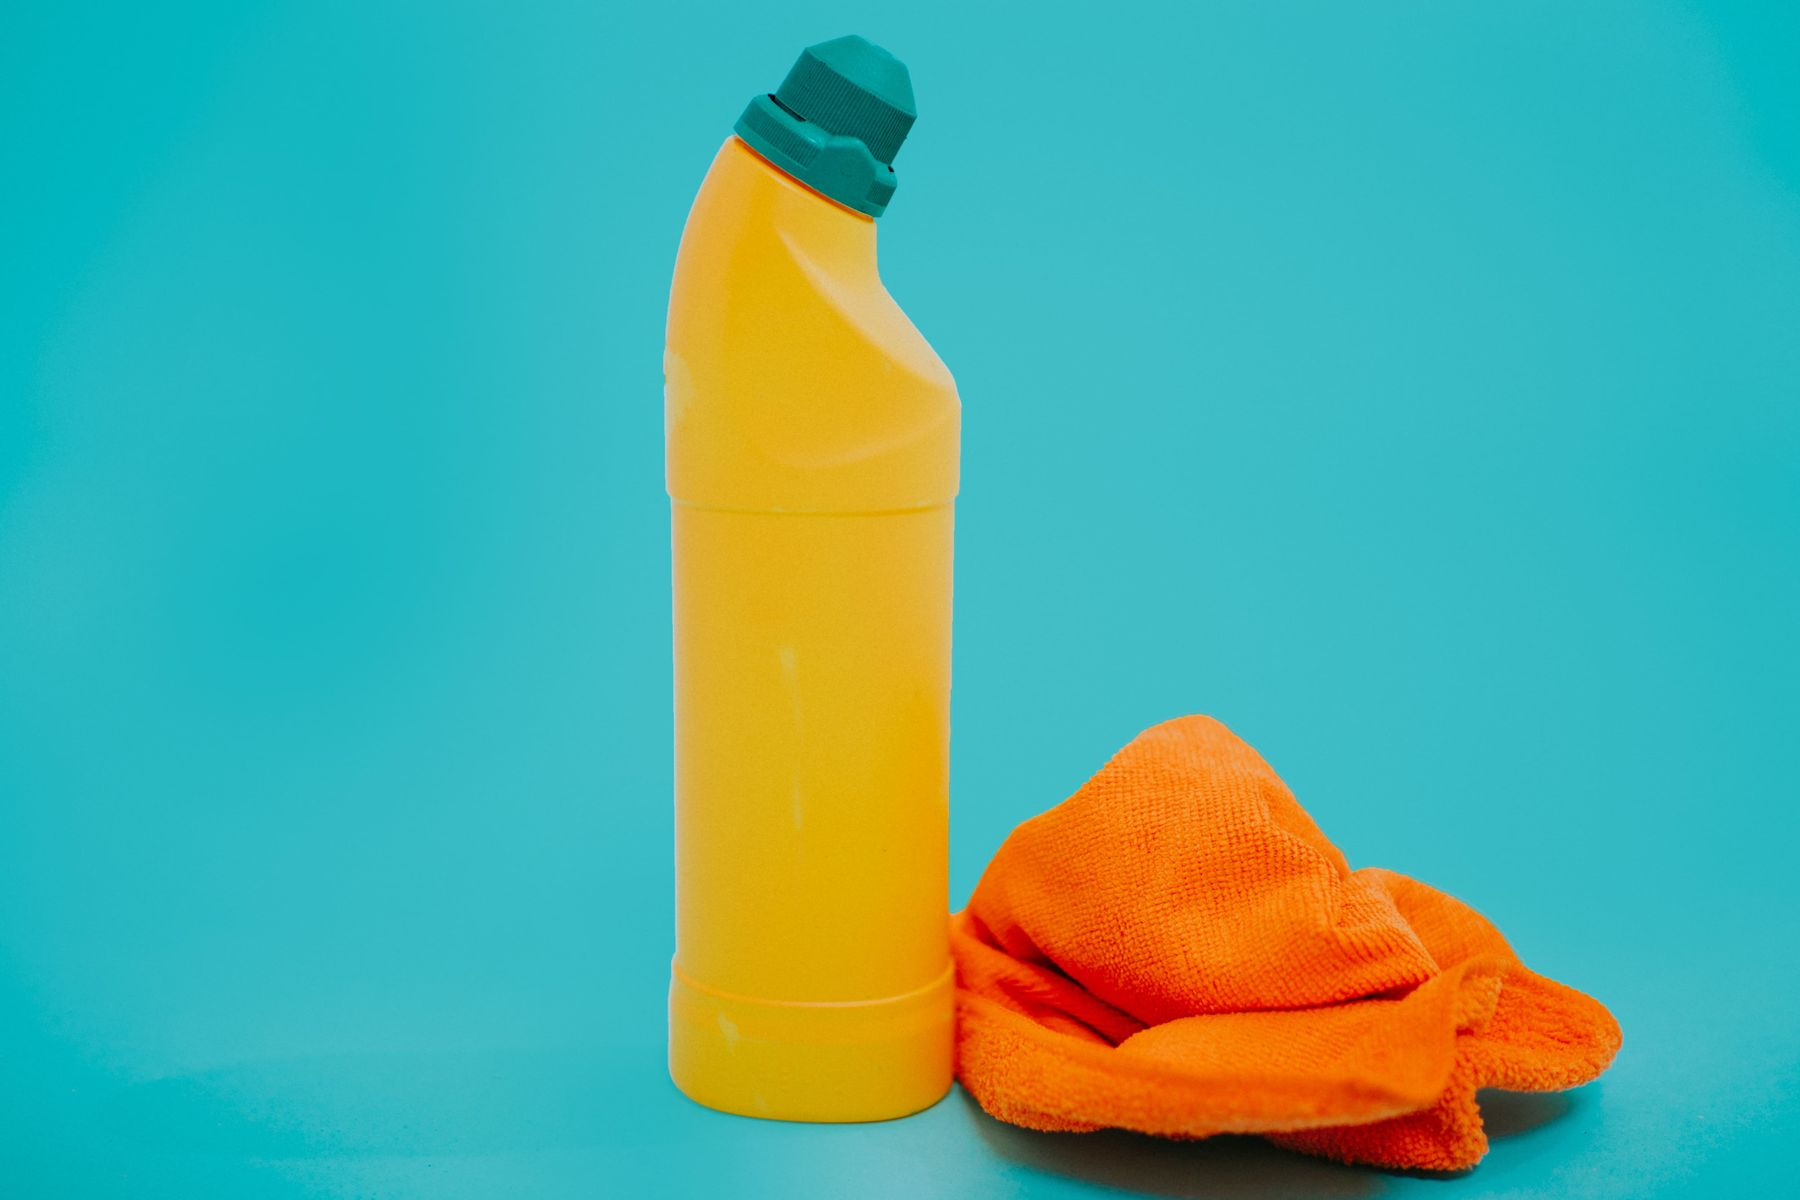 Çamaşır Suyu Lekesi Nasıl Çıkar?